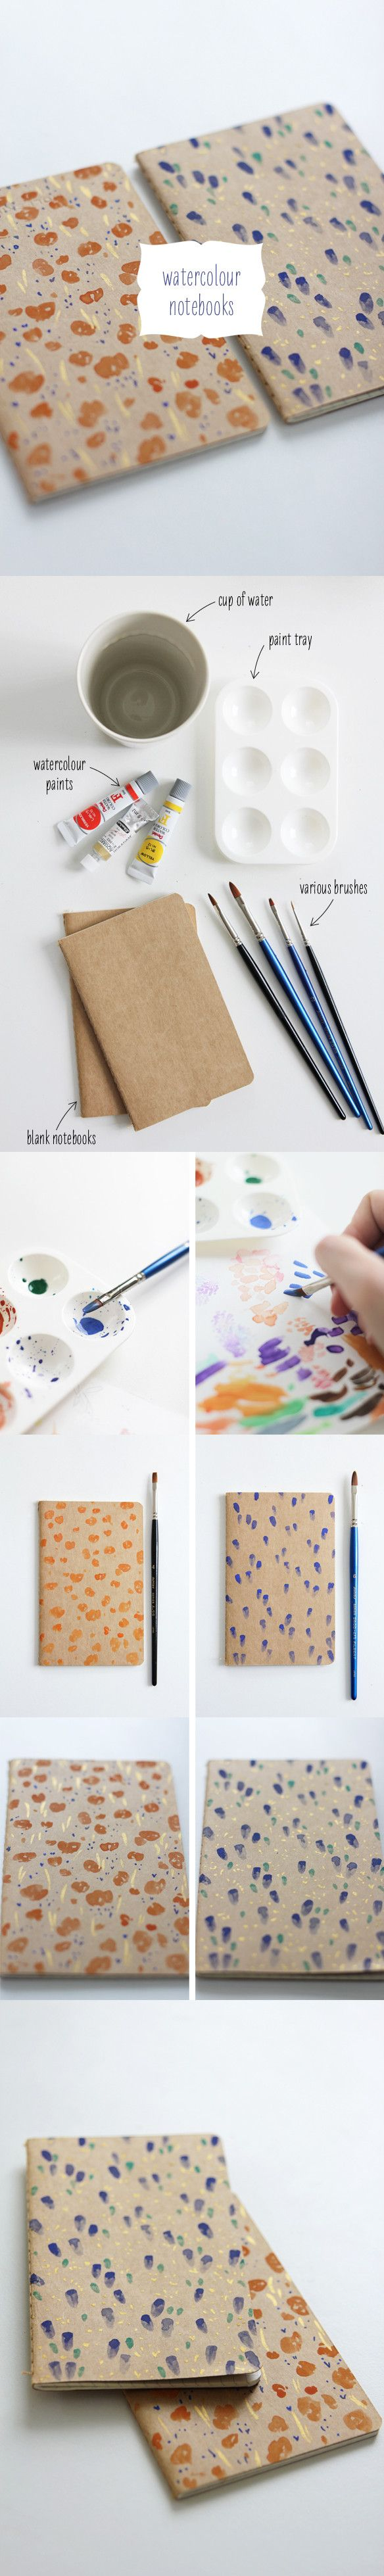 Normalmente no compran libretas sin diseños porque son aburridas .. pero con un poco de Imaginacion y pintura Quedan super Bonitas ! C: